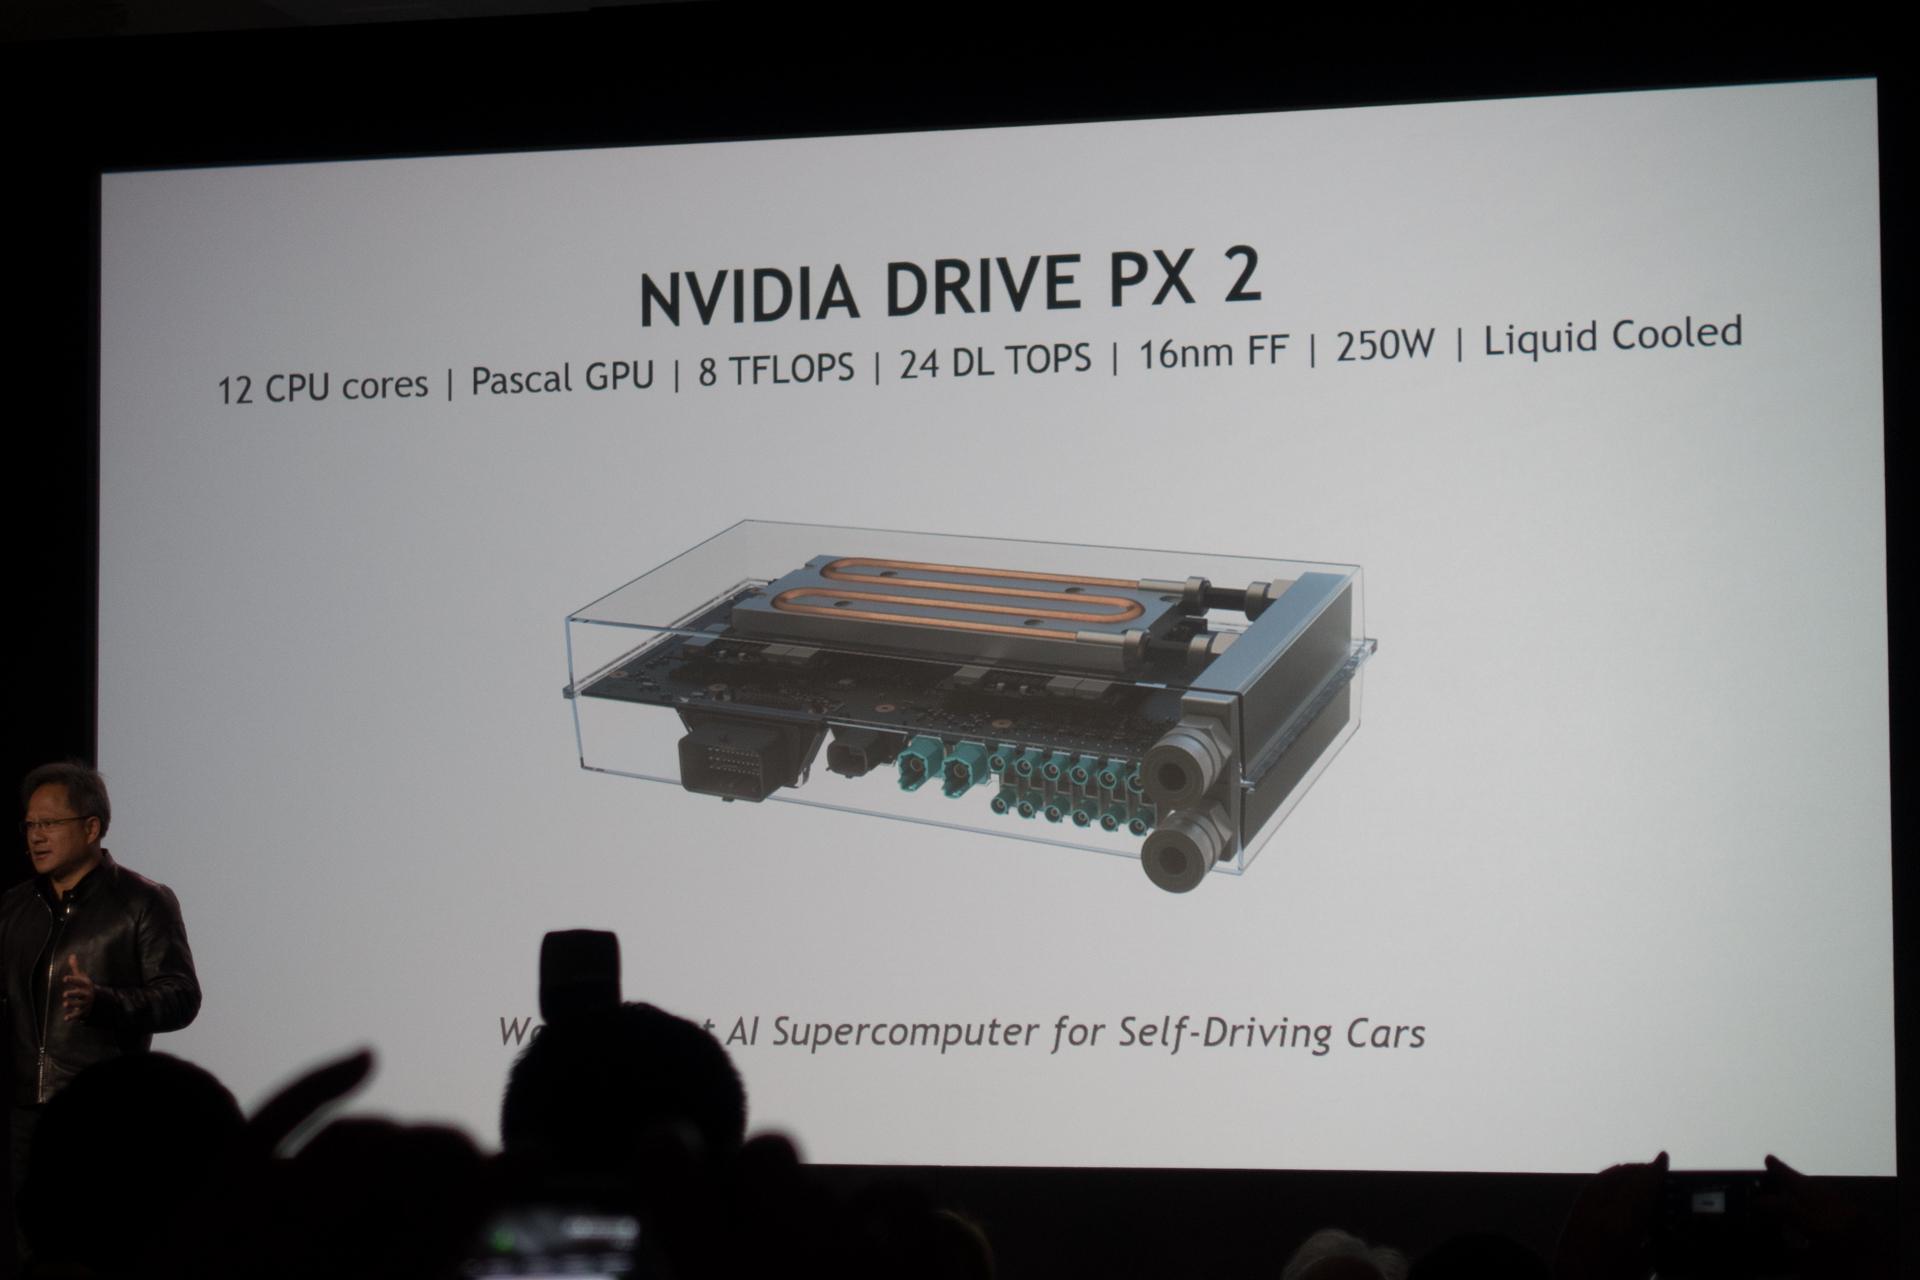 Avec la plateforme Drive PX 2, Nvidia préfère la voiture autonome à la mobilité